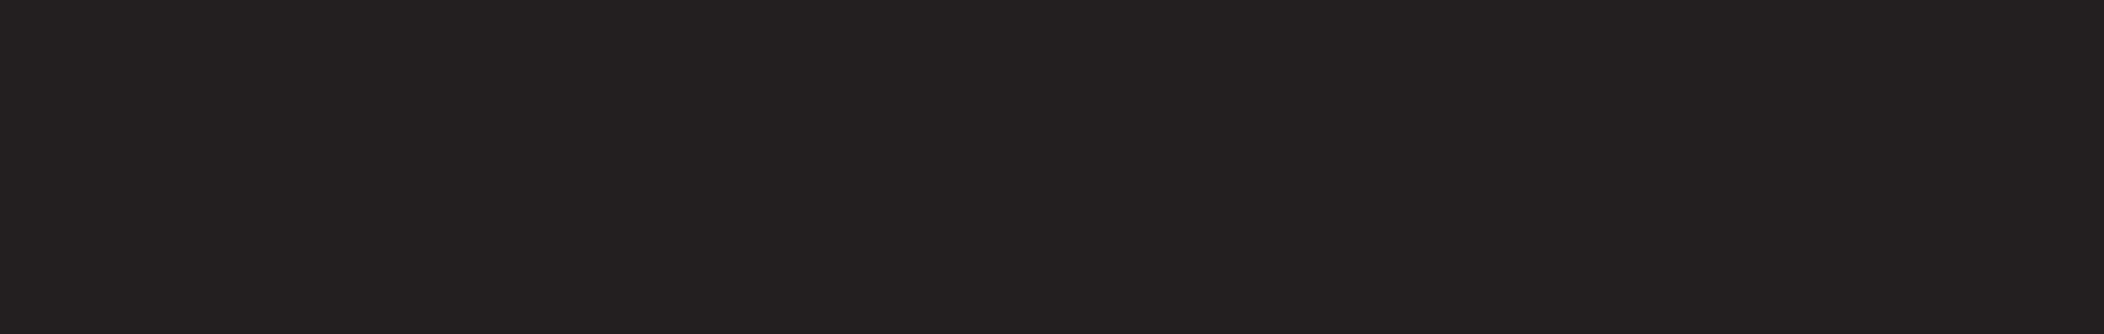 KM_logo_black  Super-concurs. Castiga super-premii de la Krüger & Matz! KM logo black